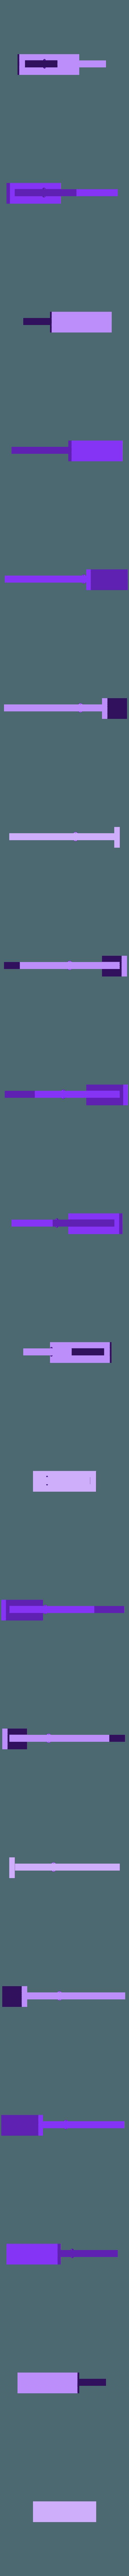 mansion05.obj Télécharger fichier OBJ meubles pour manoir de folie • Modèle pour imprimante 3D, 3DRune